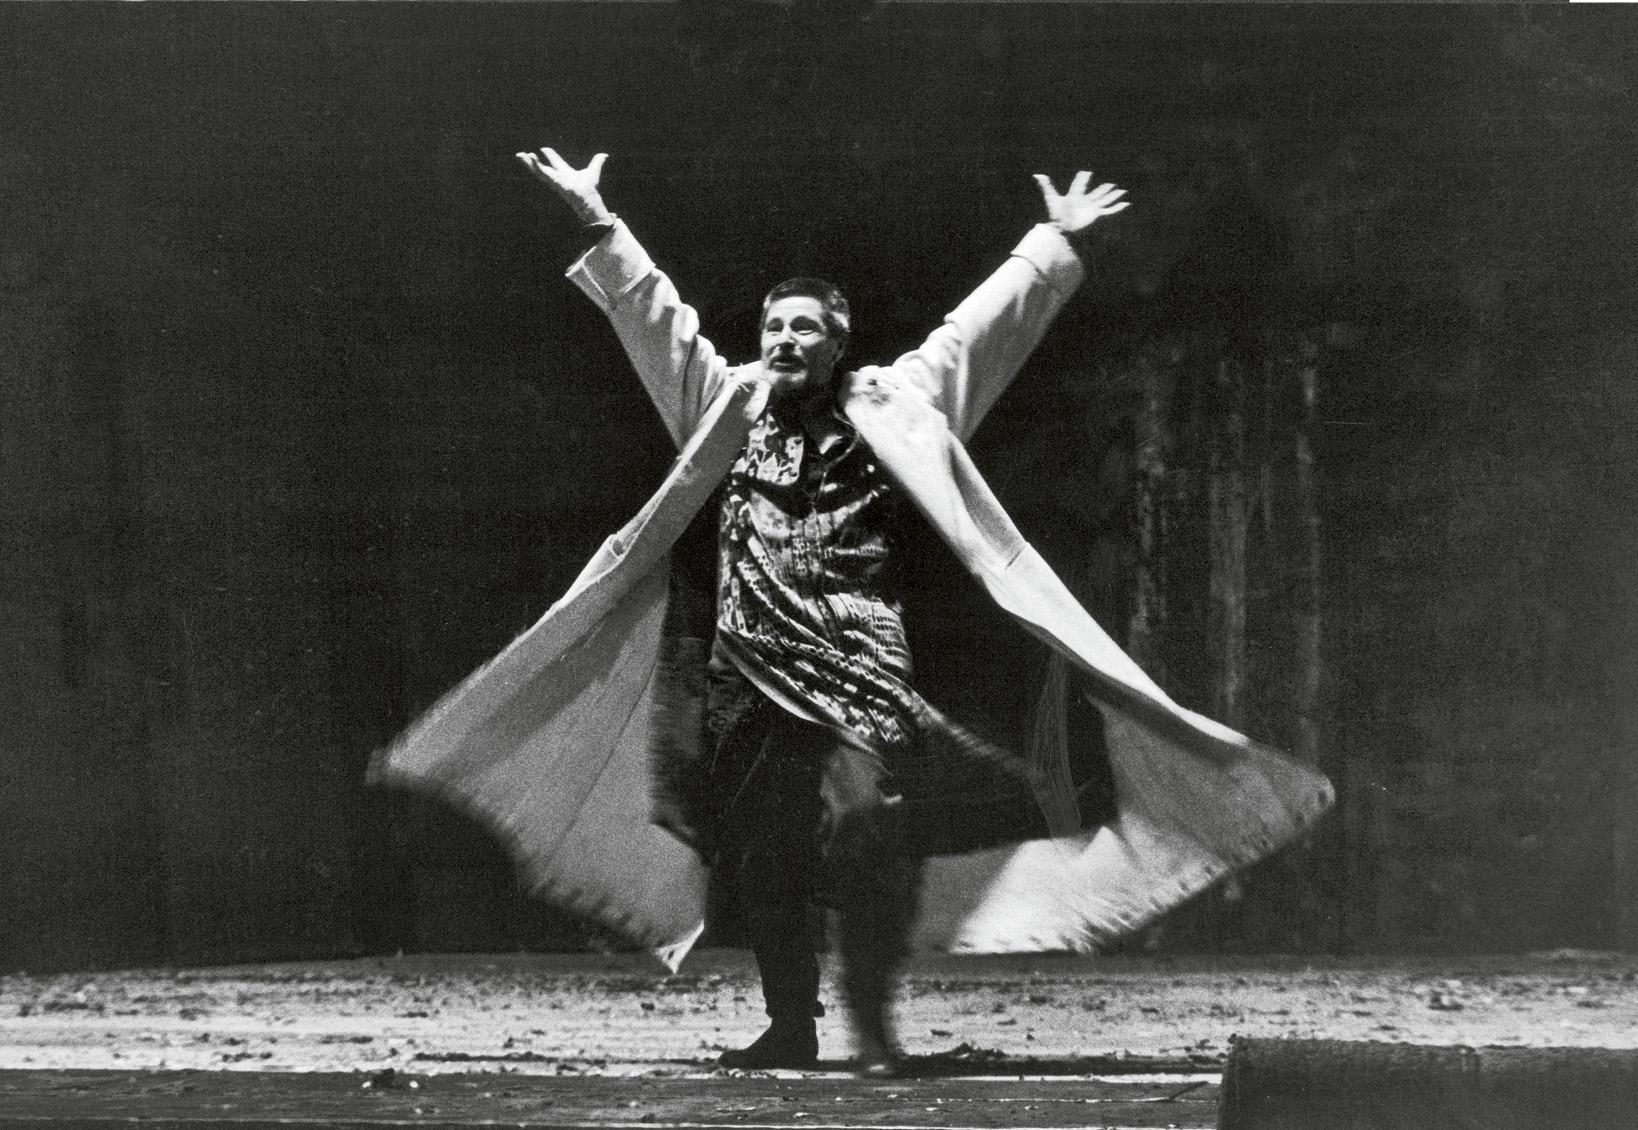 Rolf Boysen als König Lear im gleichnamigen Stück von William Shakespeare, eine Inszenierung von Dieter Dorn aus dem Jahr 1992